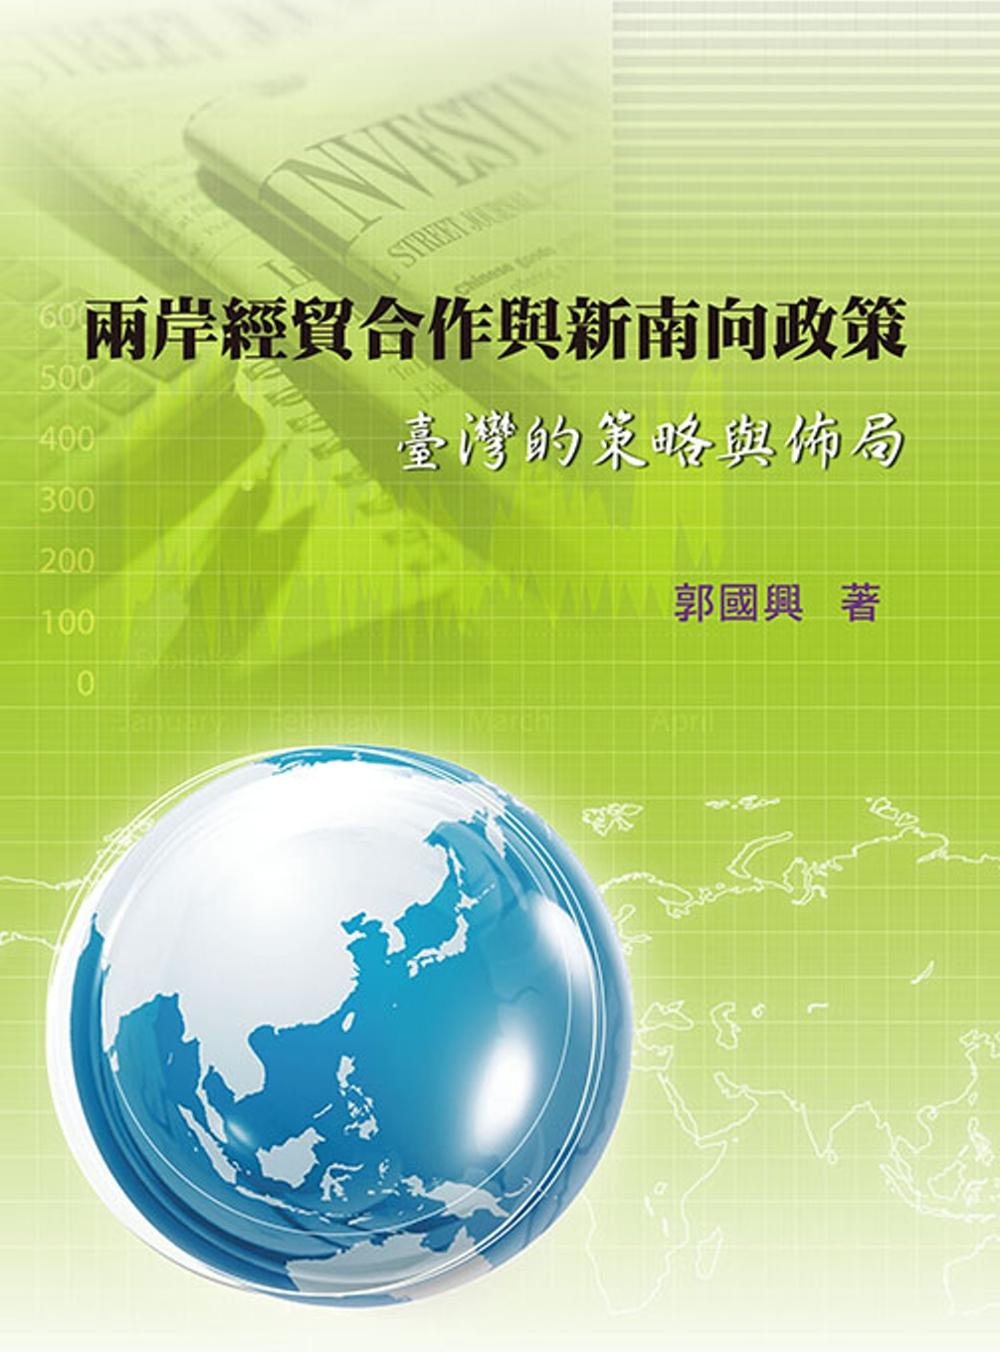 兩岸經貿合作與新南向政策:臺灣的策略與佈局